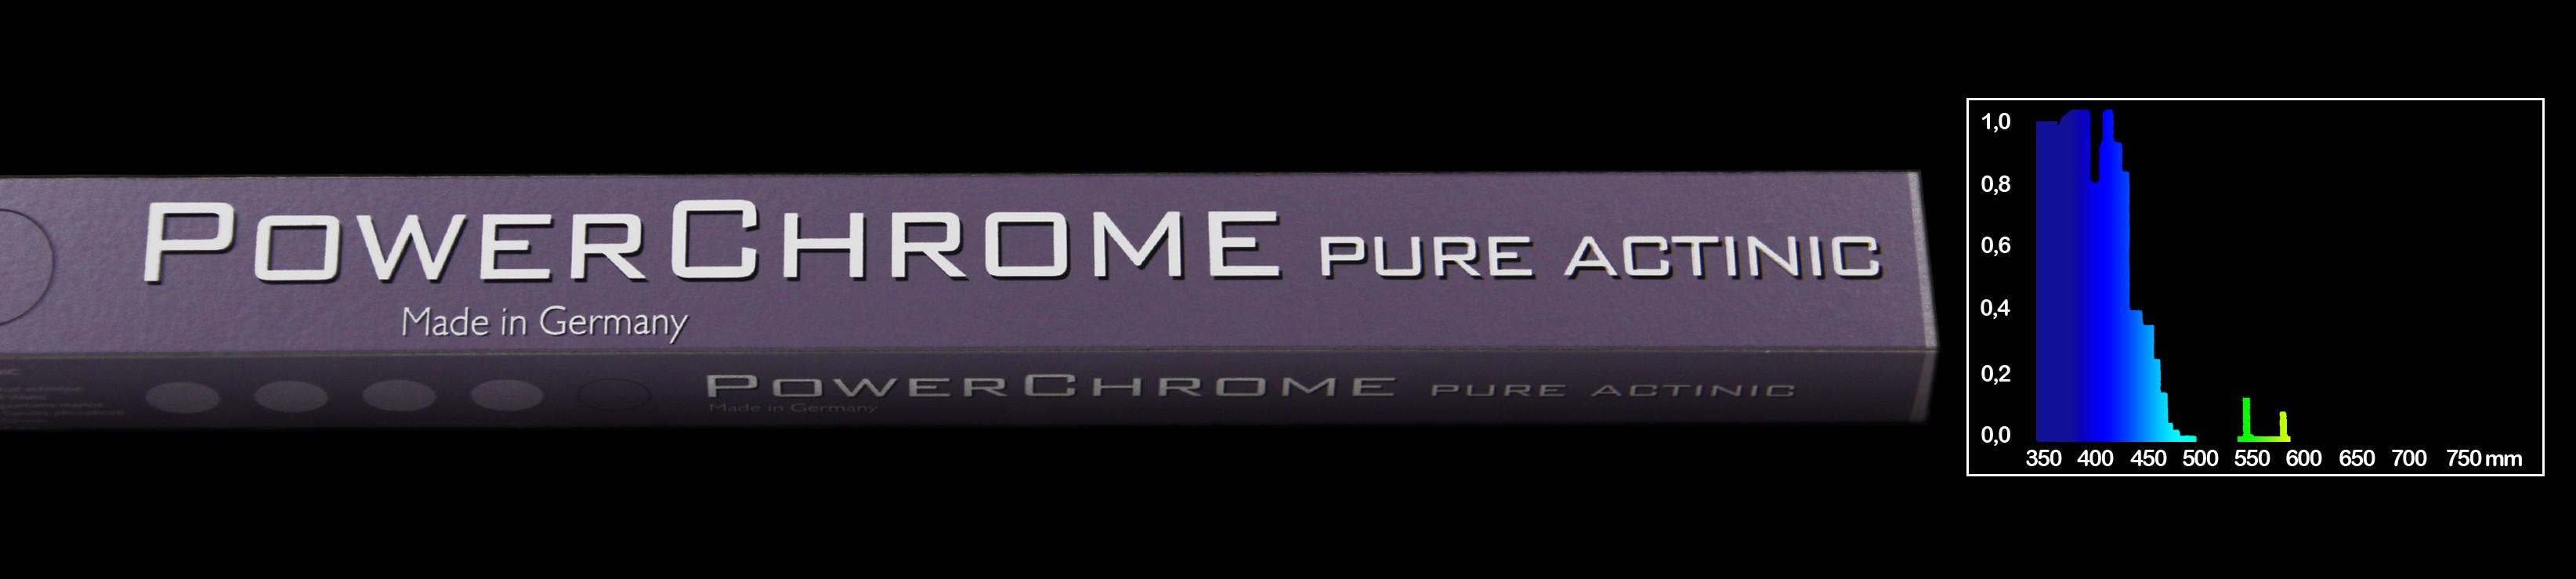 POWERCHROME T5 PURE ACTINIC